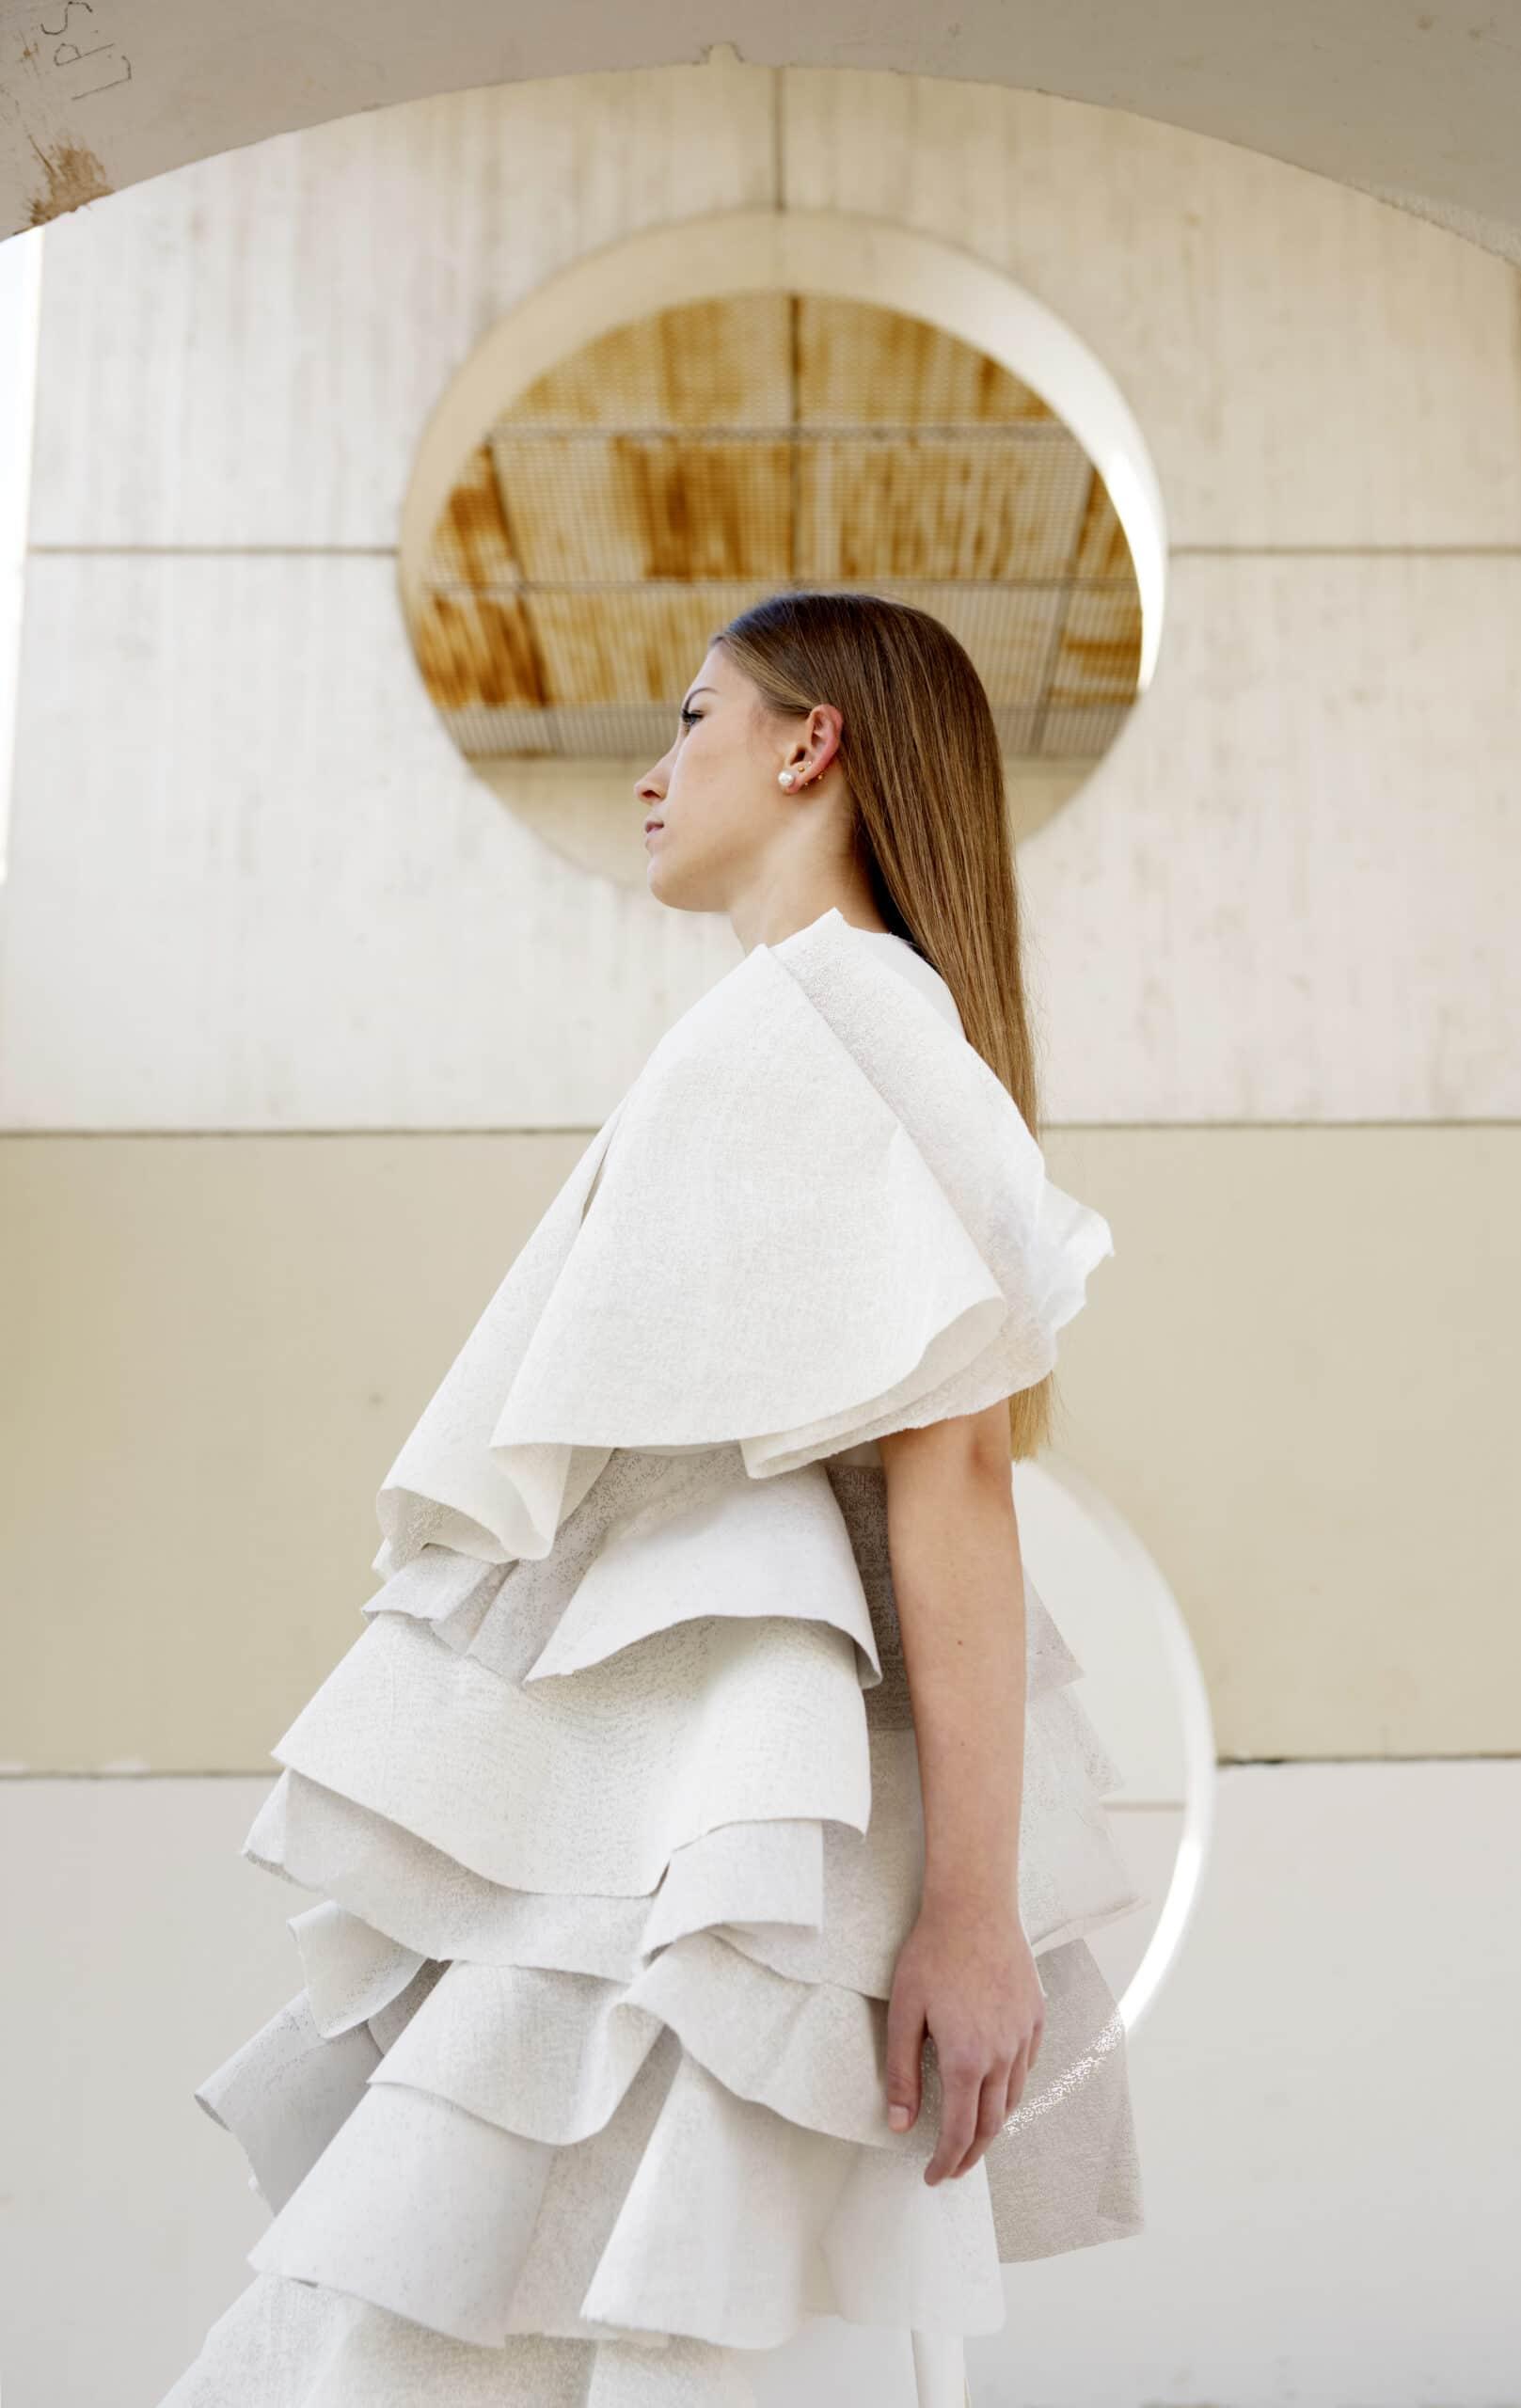 El cemento como material para diseñar prendas por las alumnas de Moda